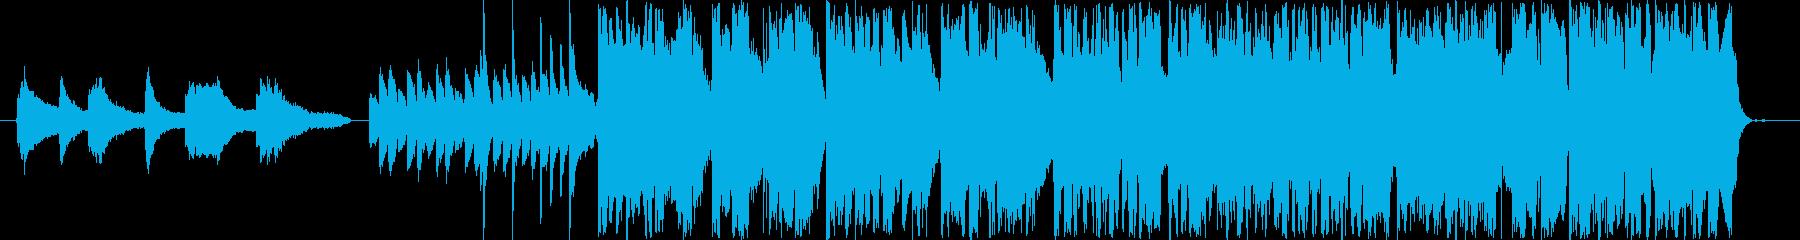 猫さんの一日的な可愛らしい曲ですの再生済みの波形